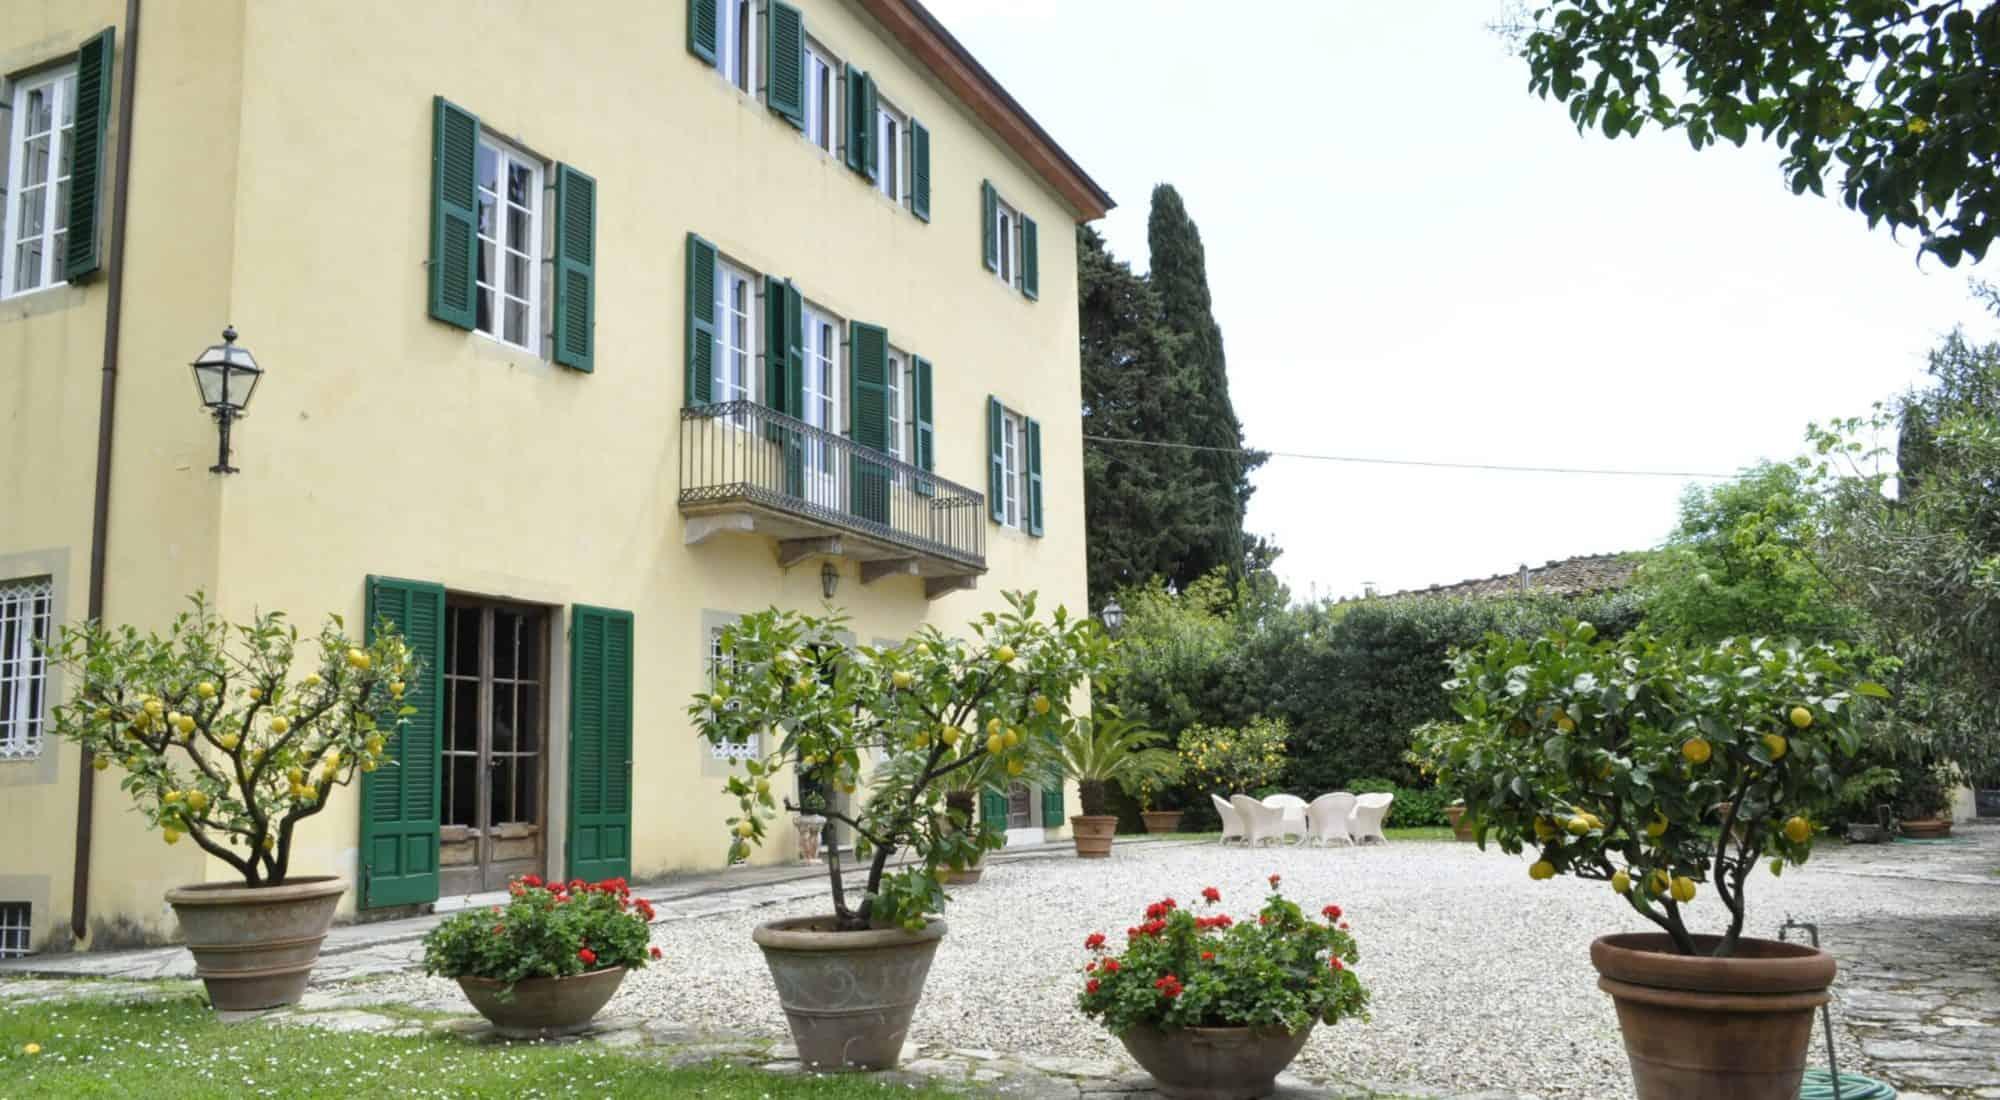 Villa Pedone, Tuscan villa